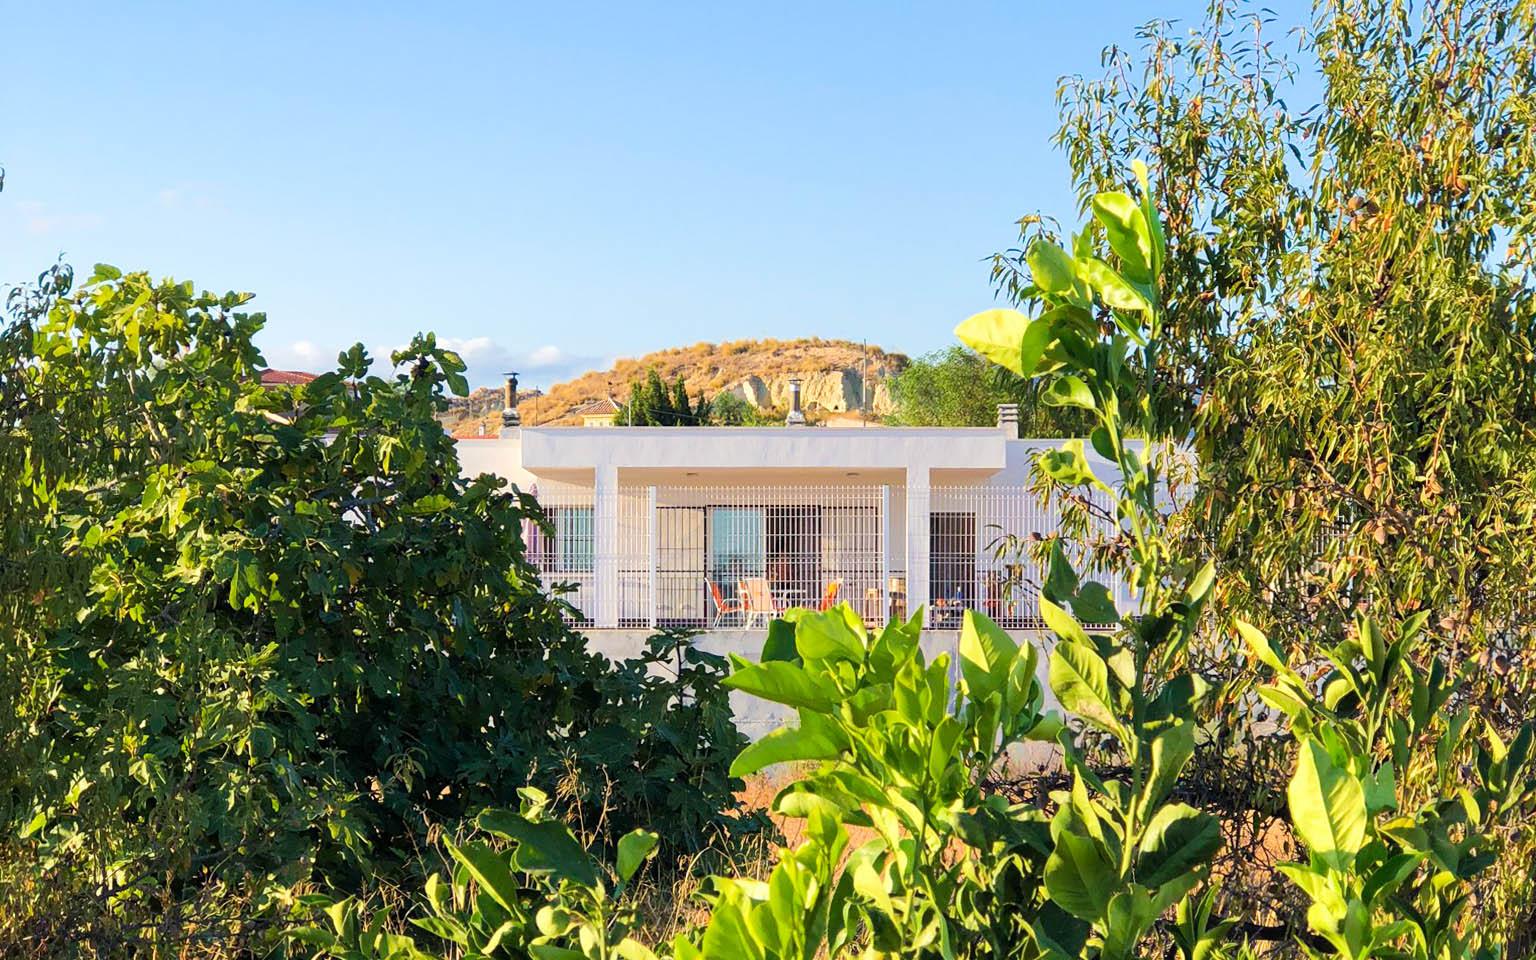 Vivienda en Mahoya. Casa entre olivos en Abanilla. Exterior vivienda arquitectura